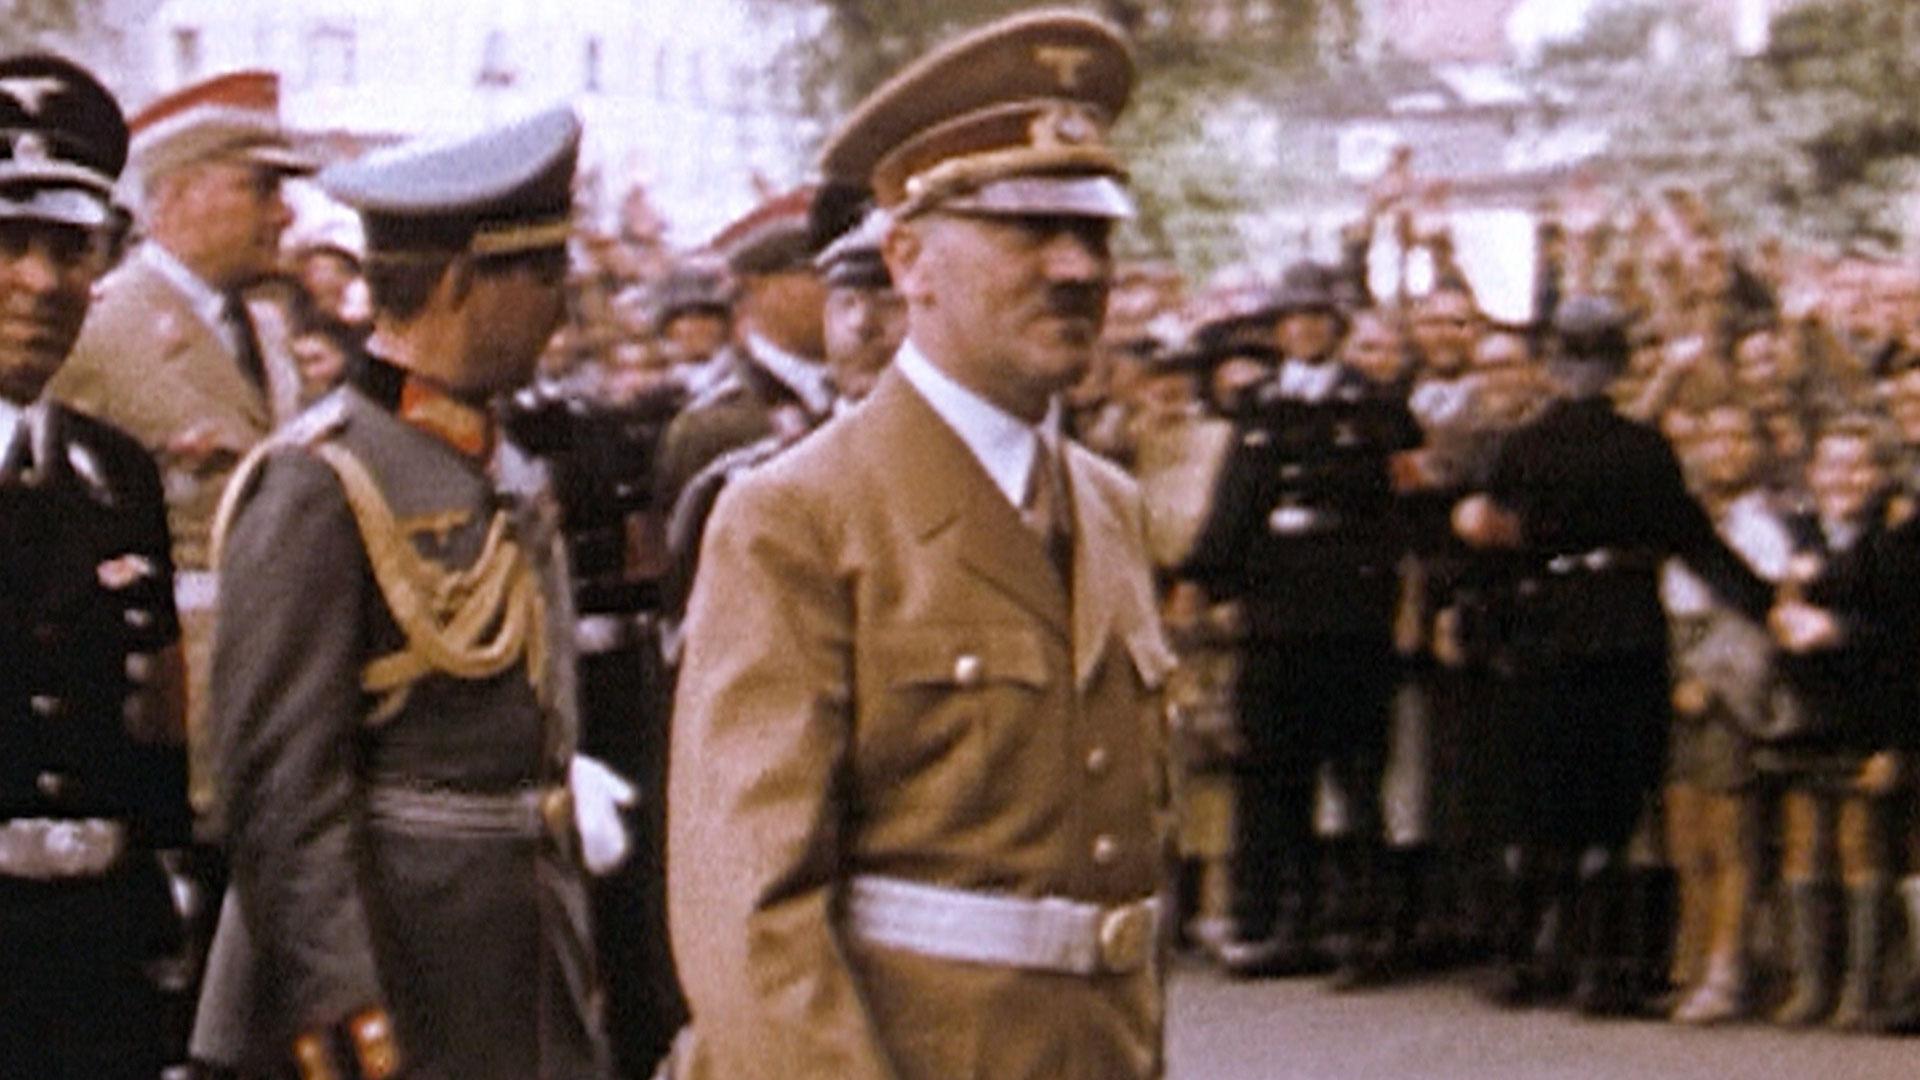 Aliens & the Third Reich